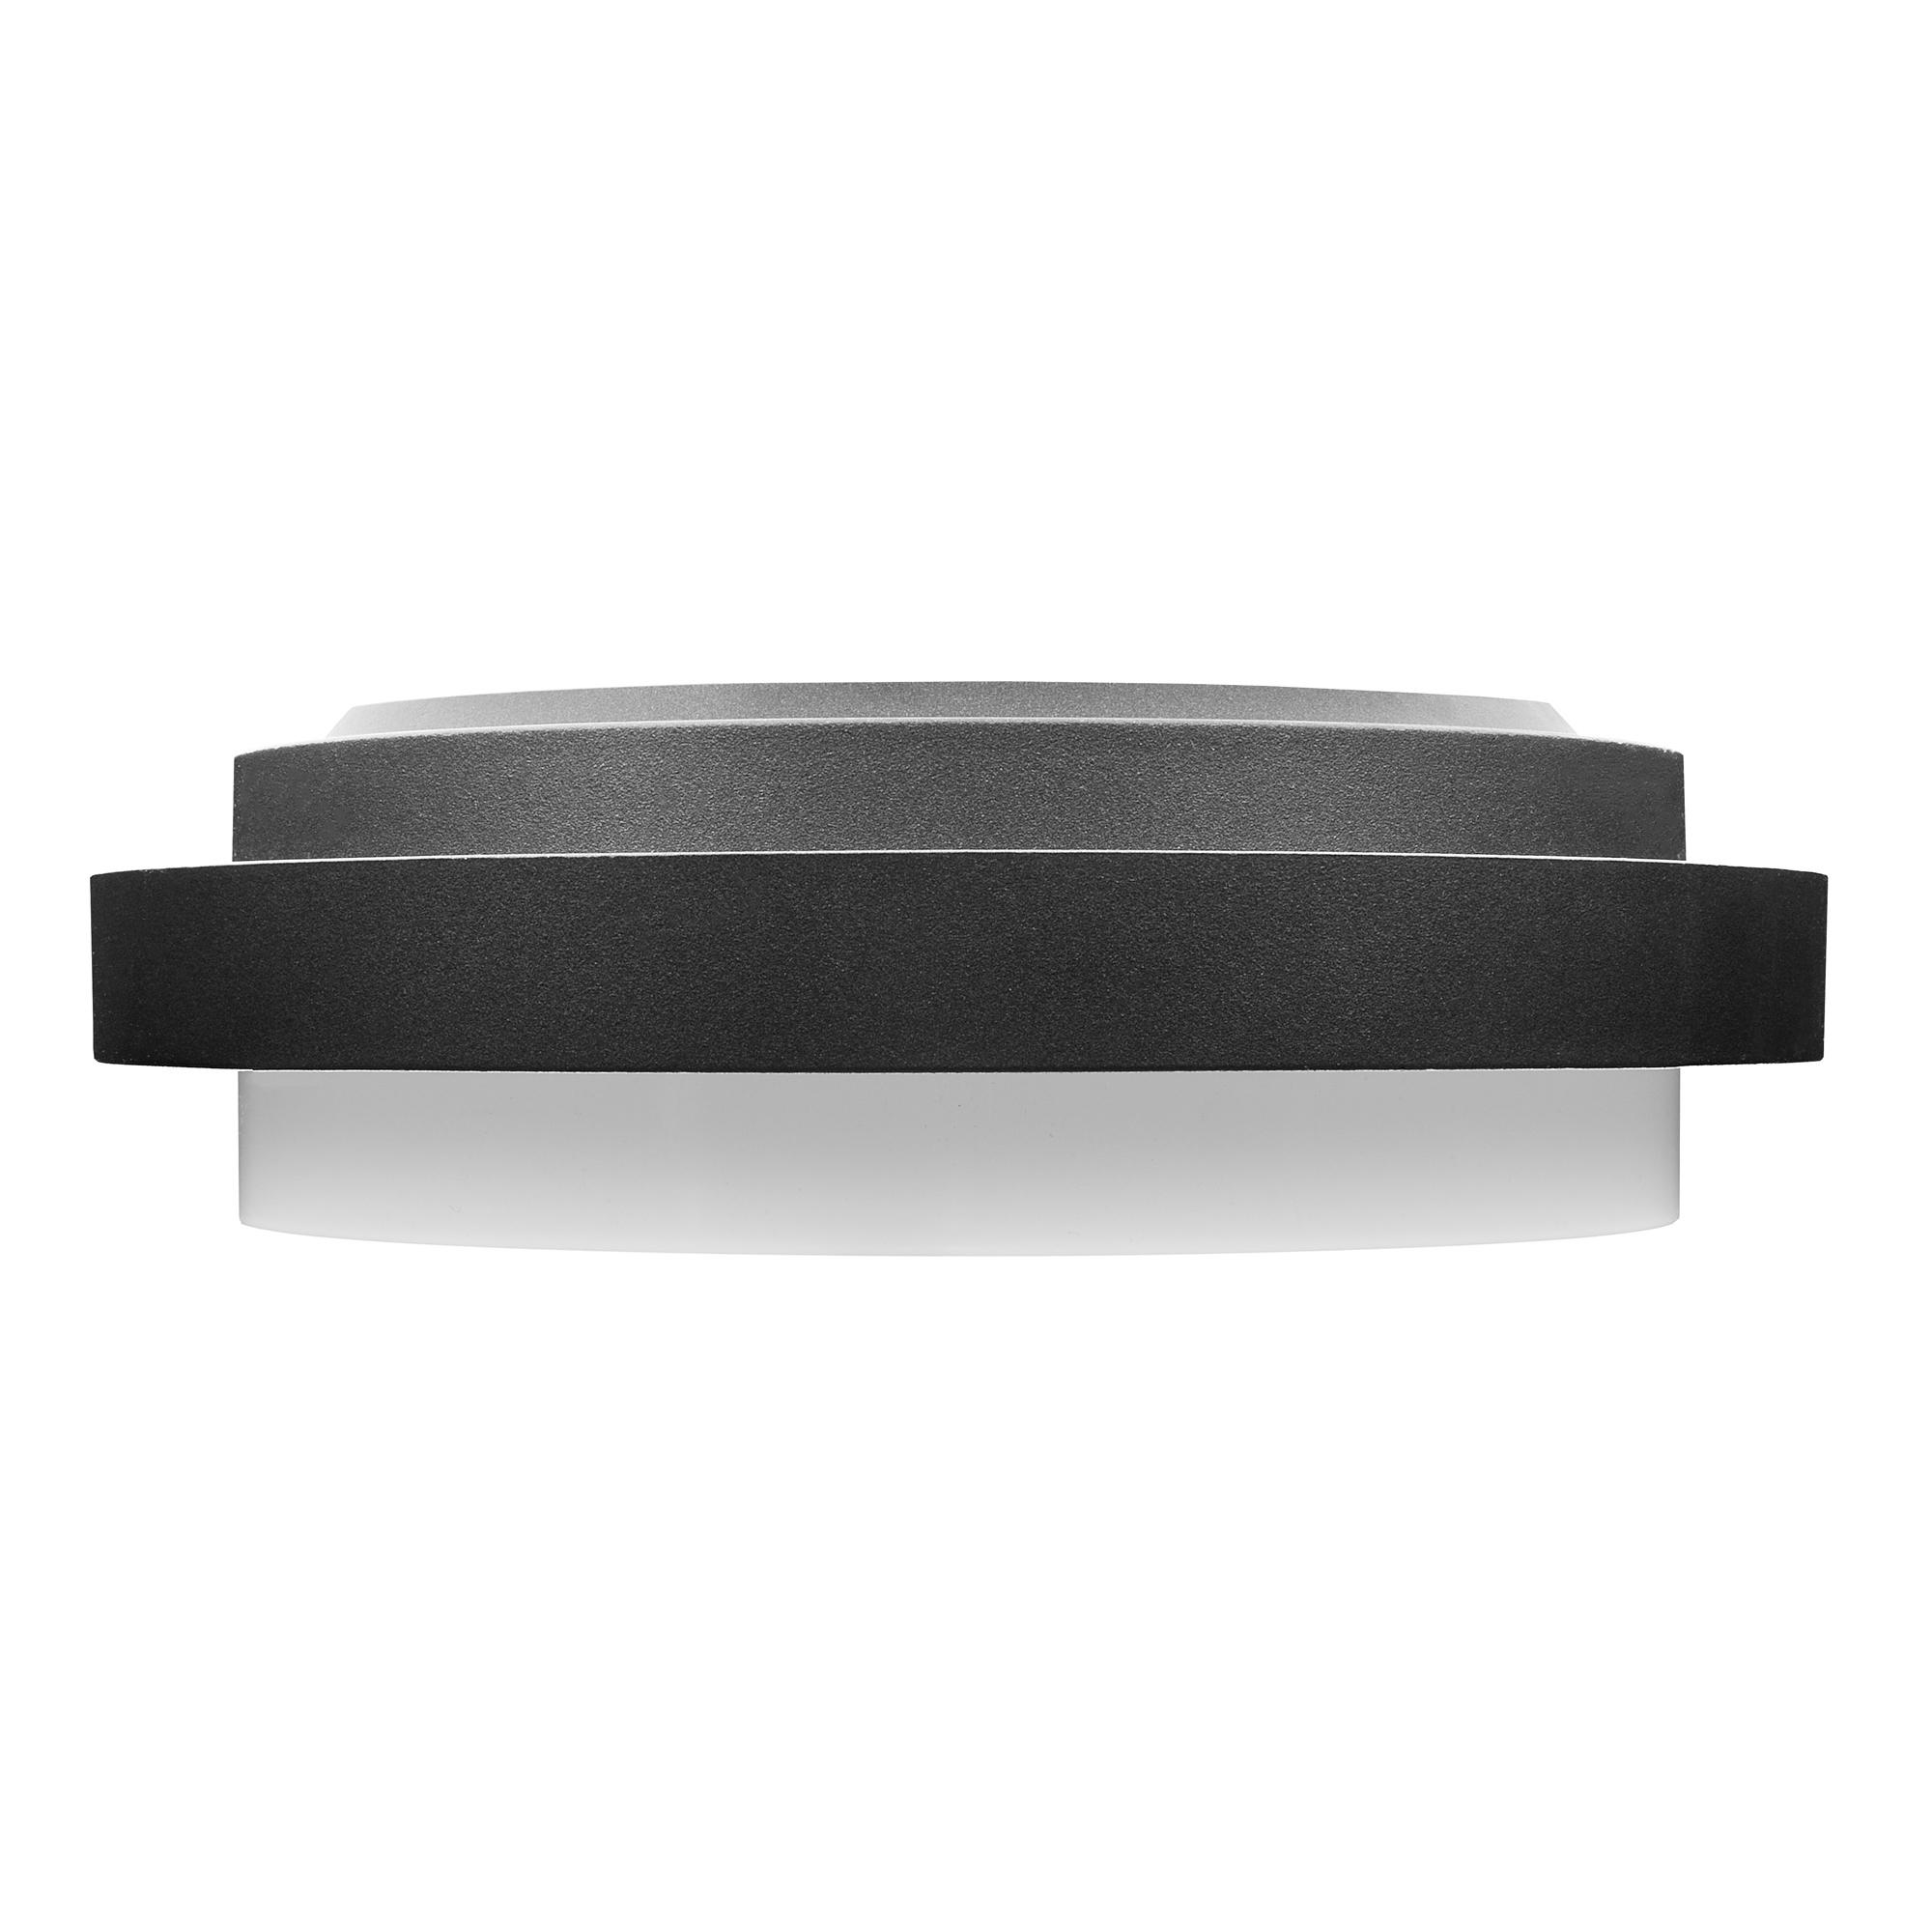 WDL 235- LED Aussenleuchte, Wand- und Deckenleuchte antrazith